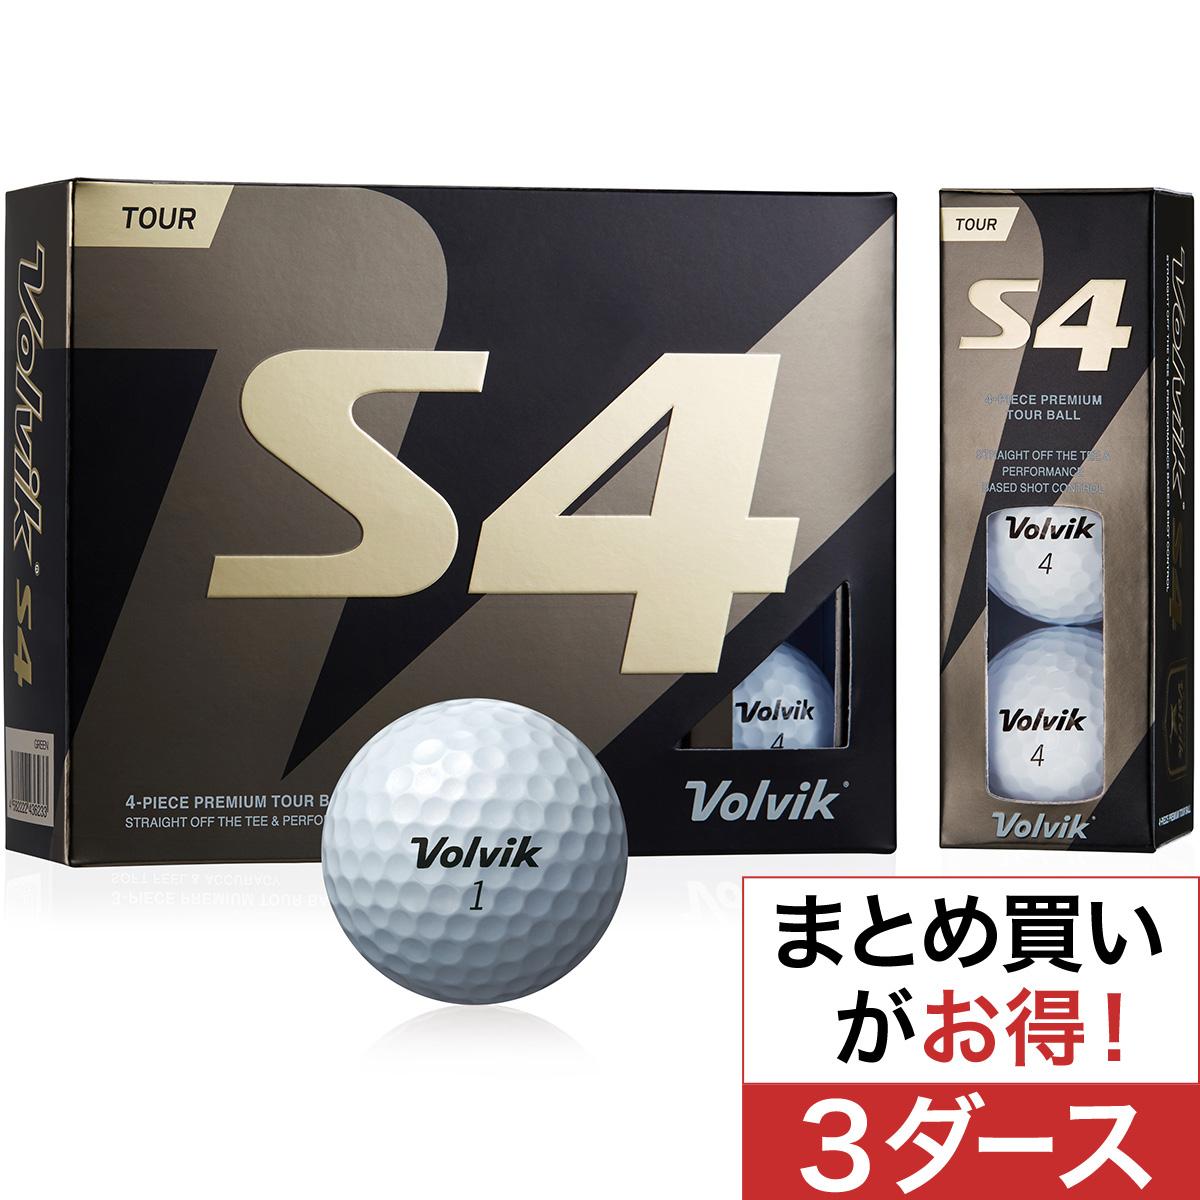 VOLVIK S4 ボール 3ダースセット